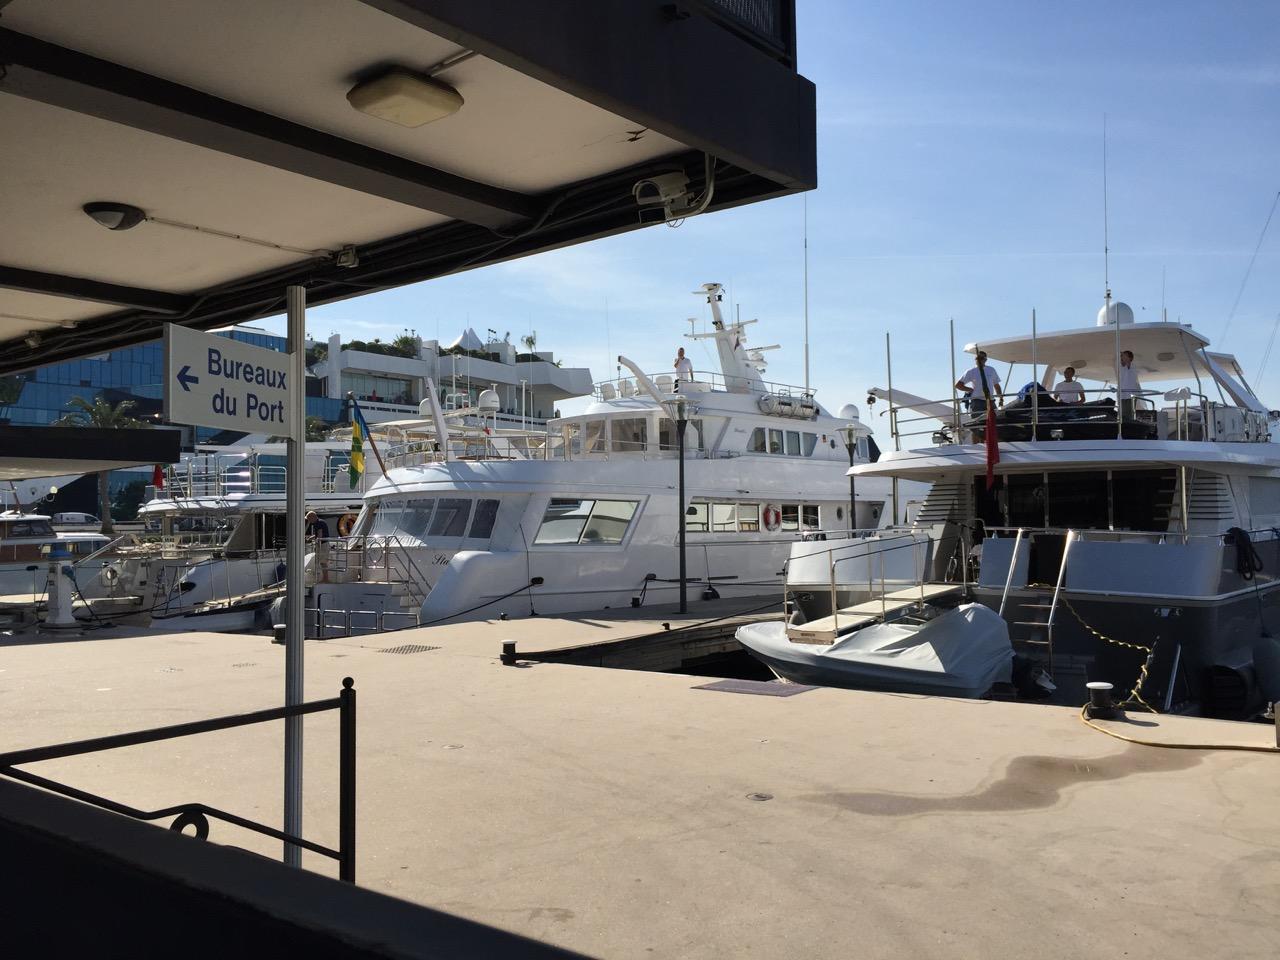 The Bureau de Port, Cannes 2015